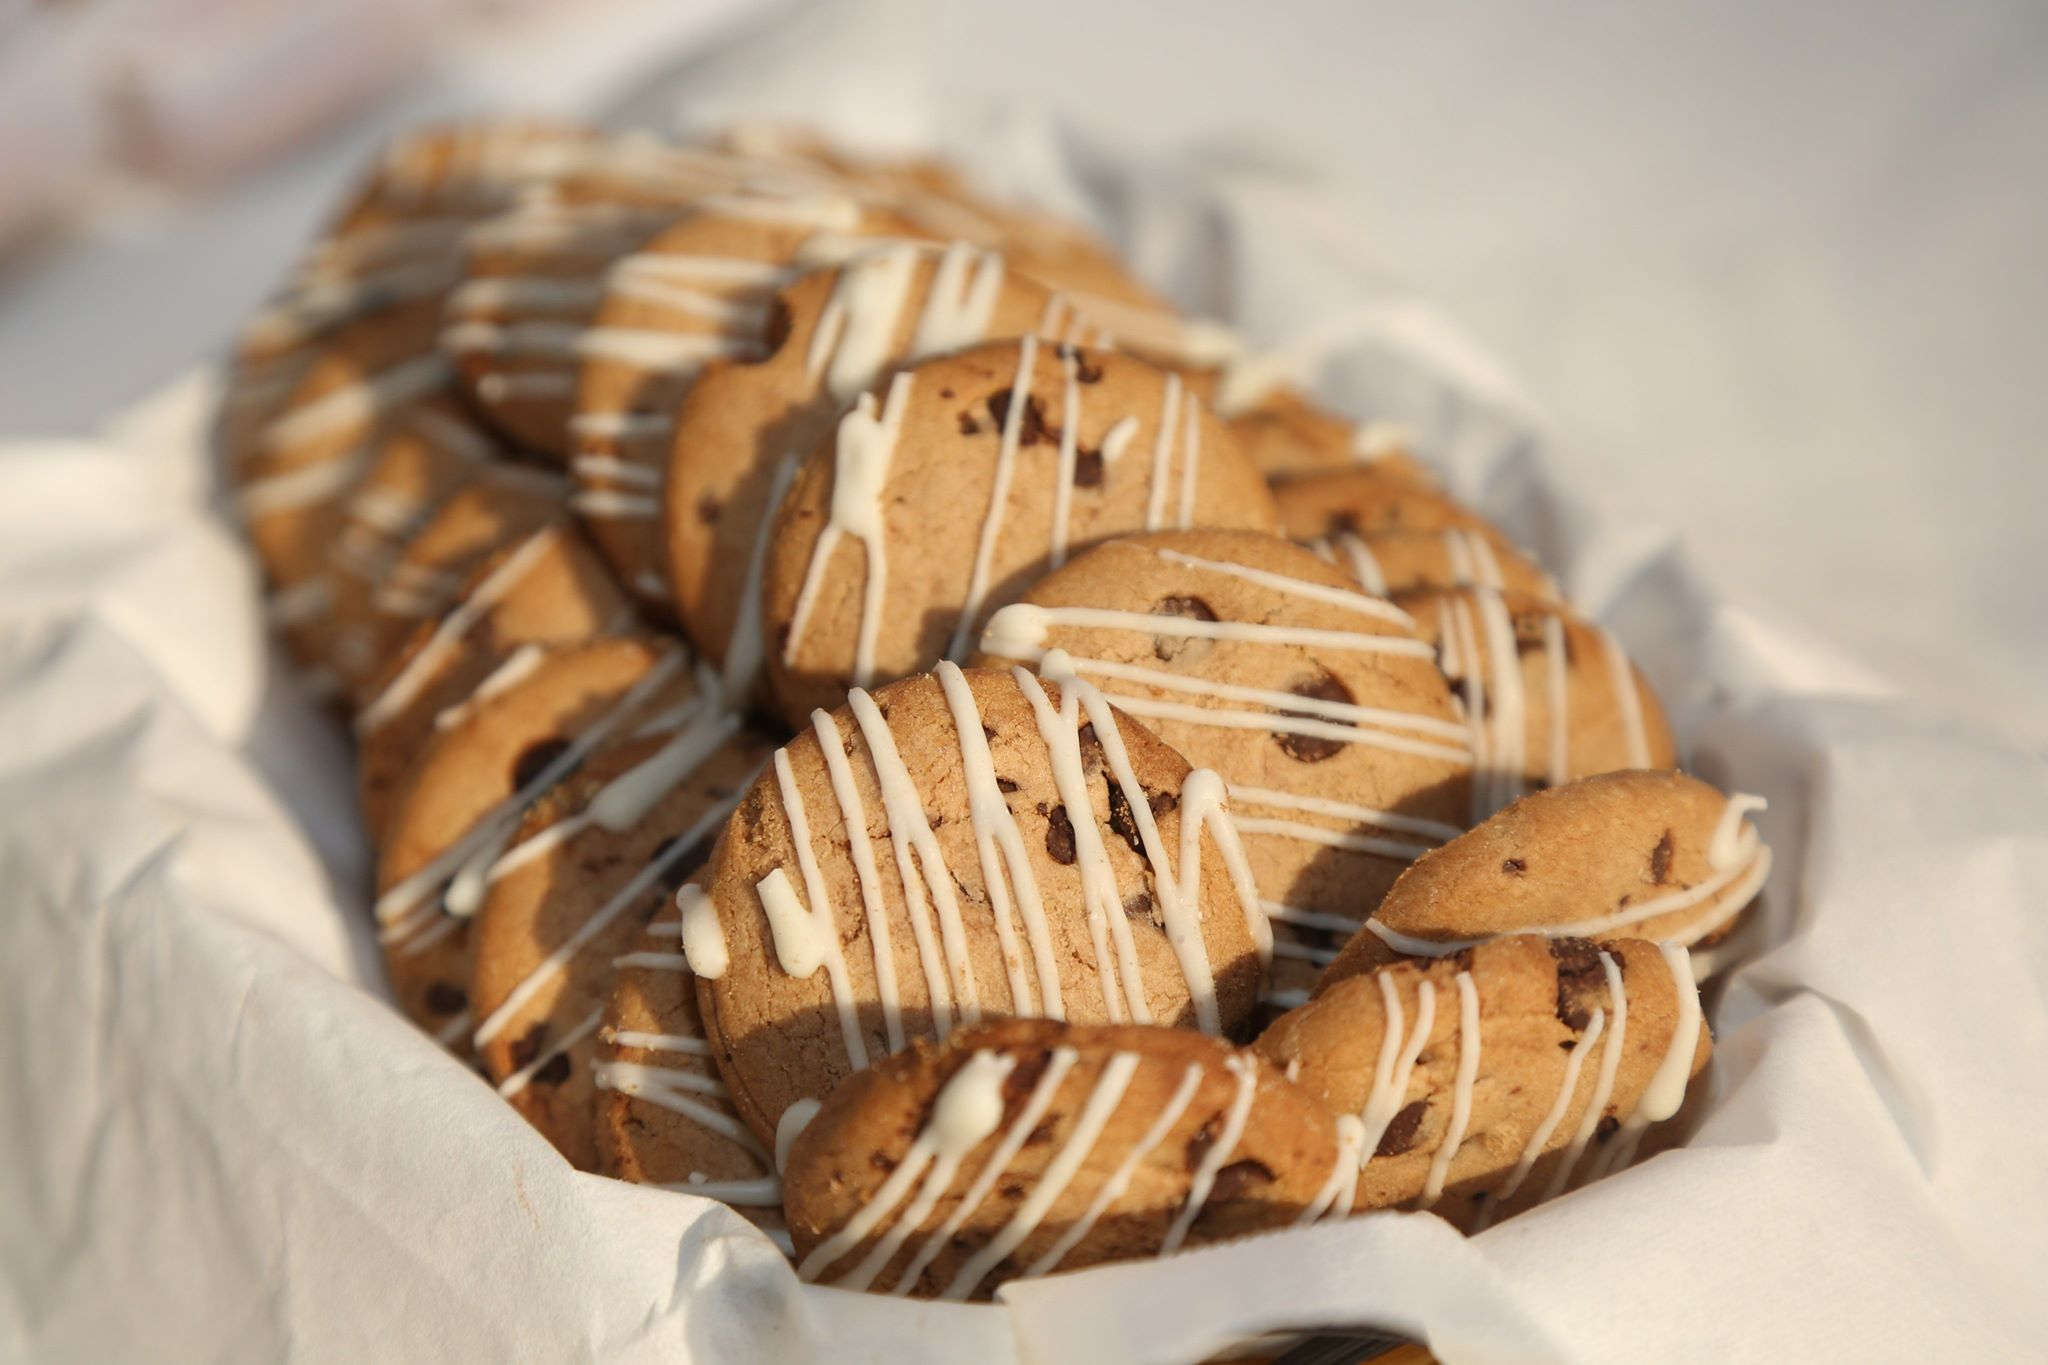 """60817384_608595279623777_1449151918772322304_n """"Талх чихэр""""-ийн жигнэмэг эрүүл, аюулгүй, Хүүхдийн баярын хамгийн чанартай бэлэг"""